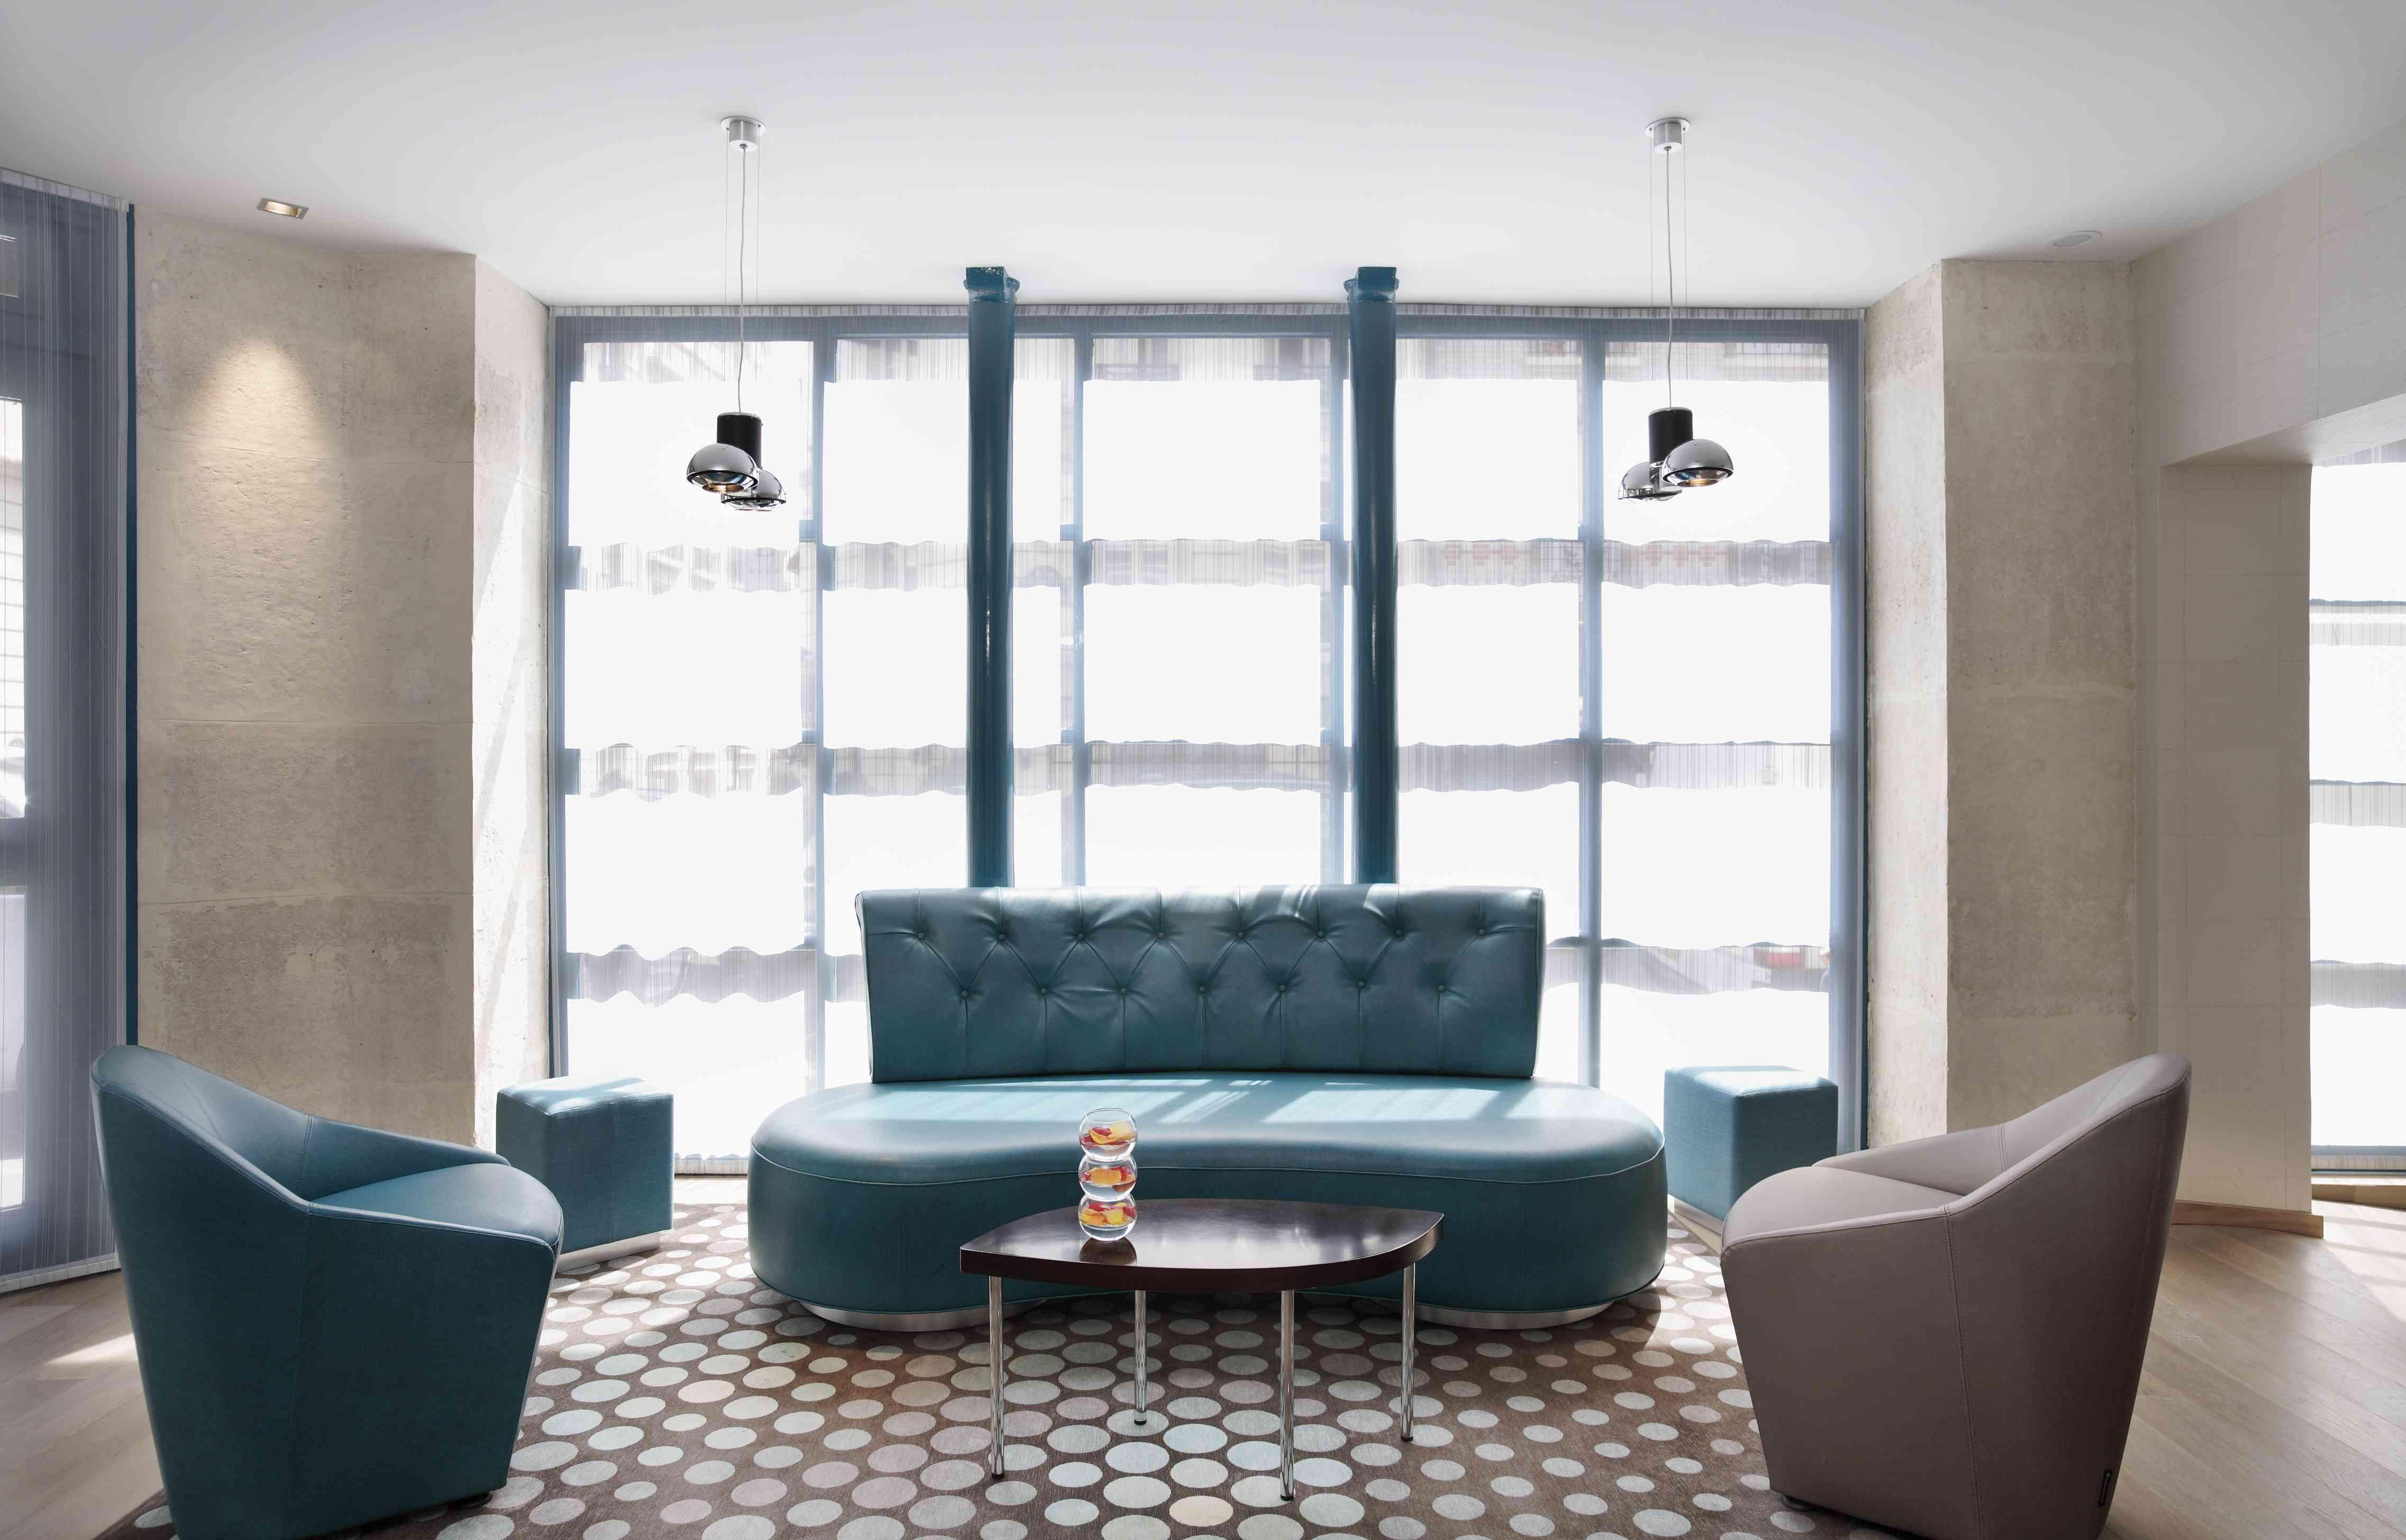 Lobby at Hotel Bassano